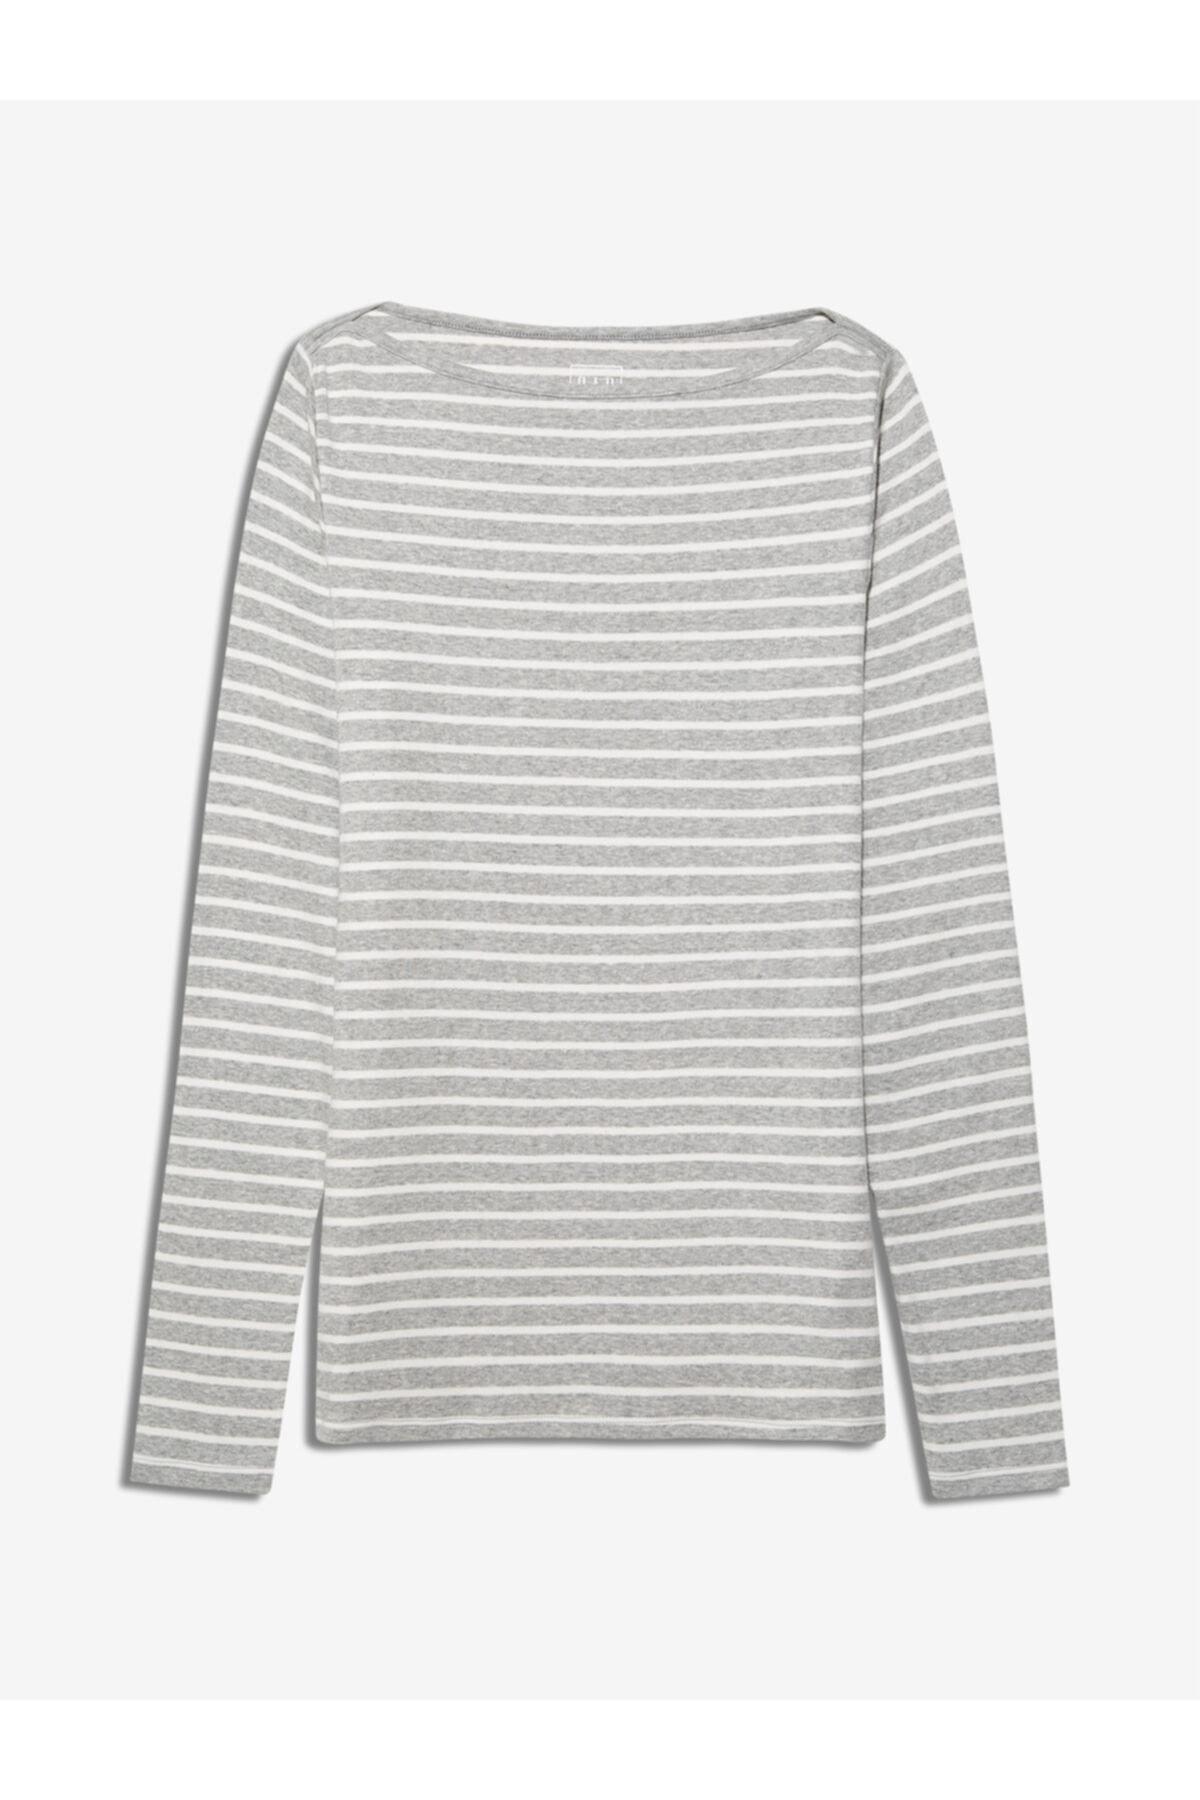 GAP Kadın Gri Uzun Kollu Çizgili T-shirt 1